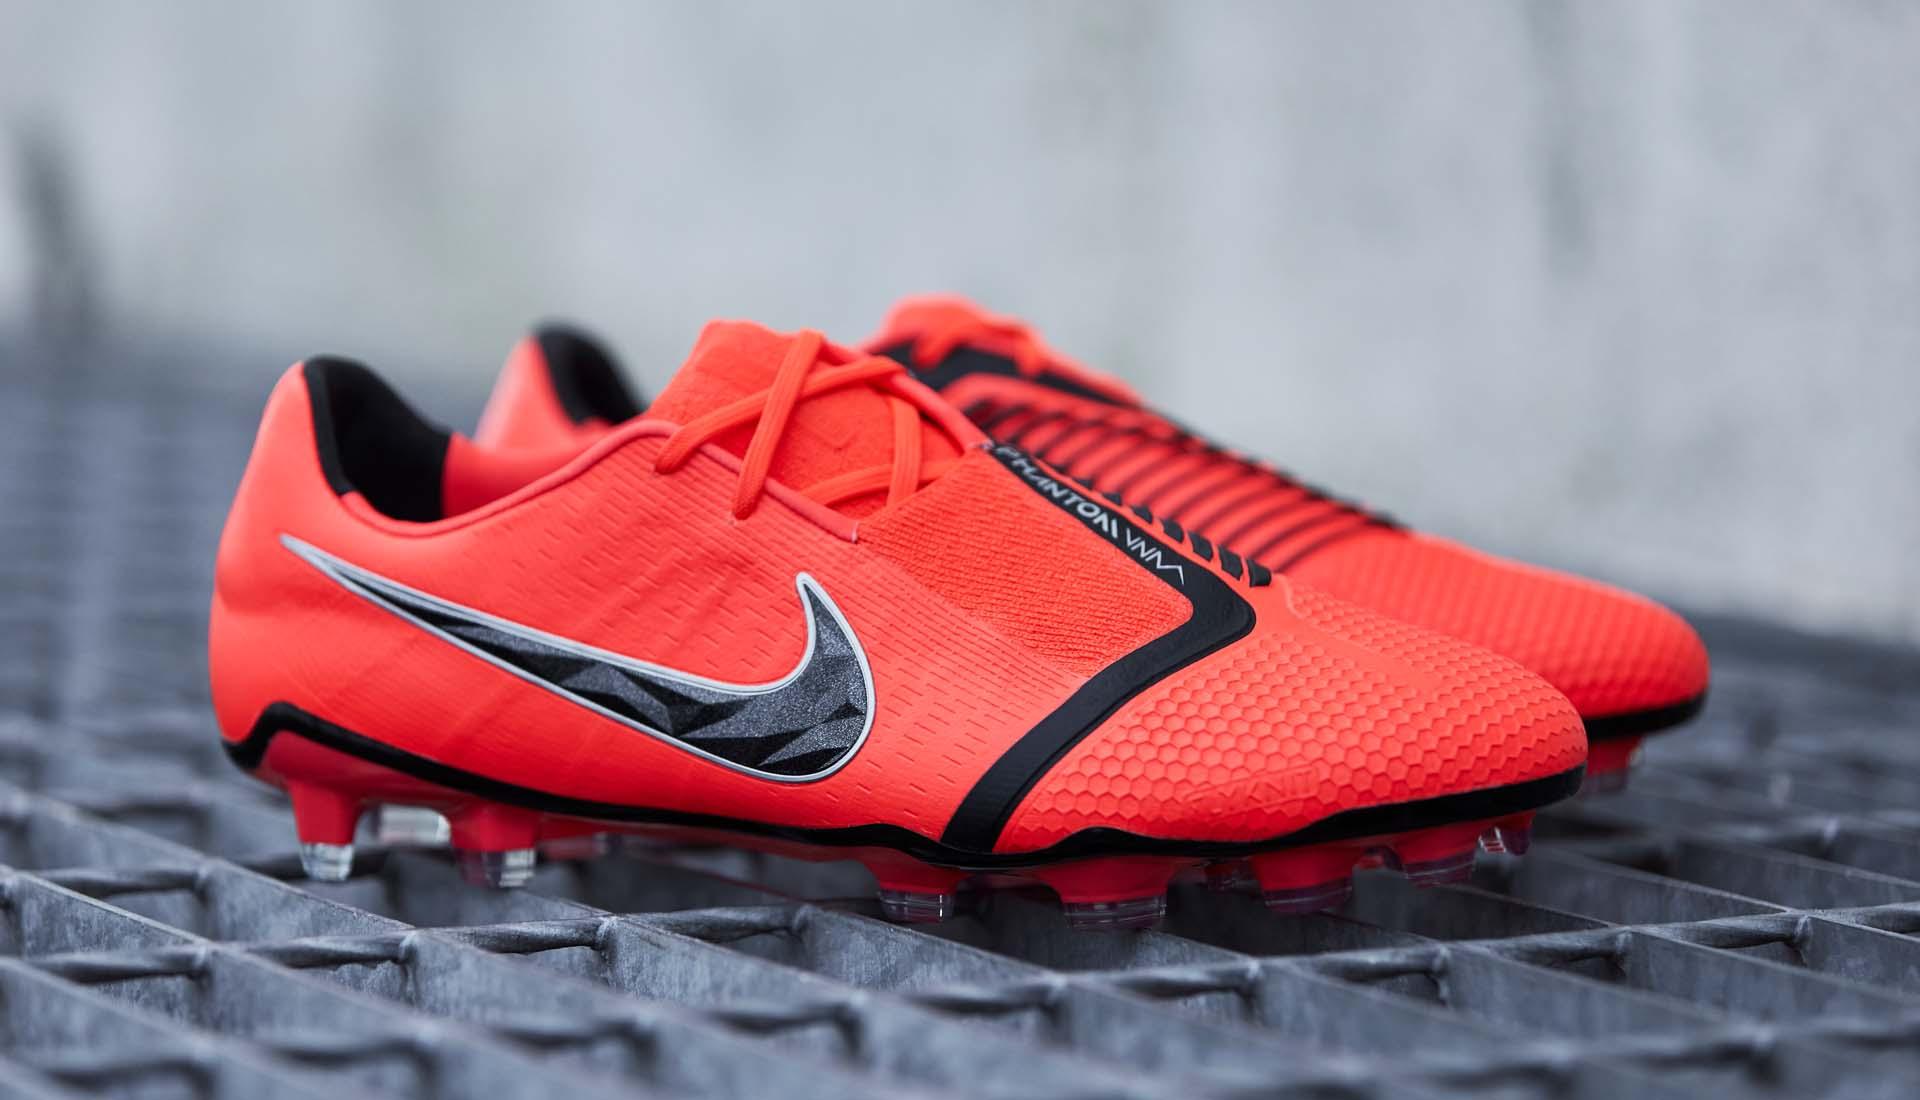 Giày bóng đá Nike Phantom Venom là dòng giày bóng đá tiền đạo ghi bàn